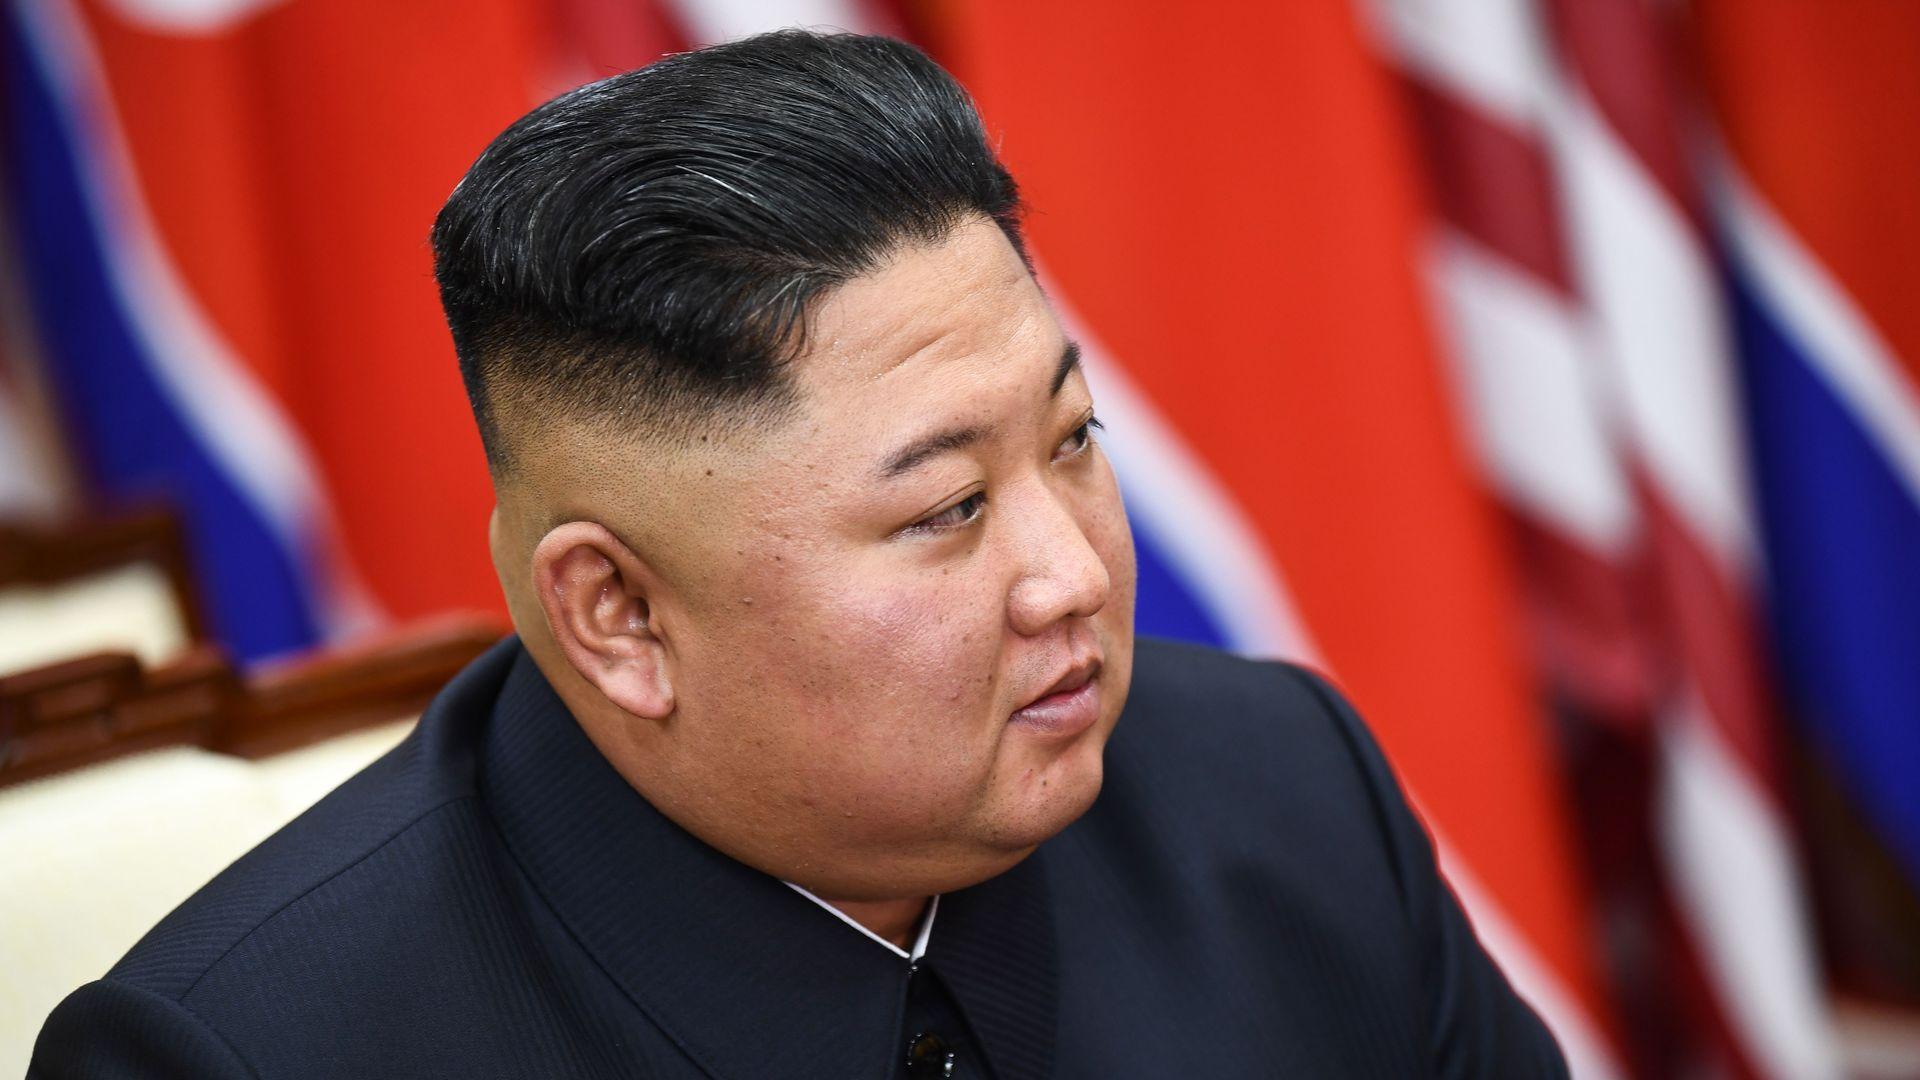 kim jong-un apologizes over killing of south korean official - axios